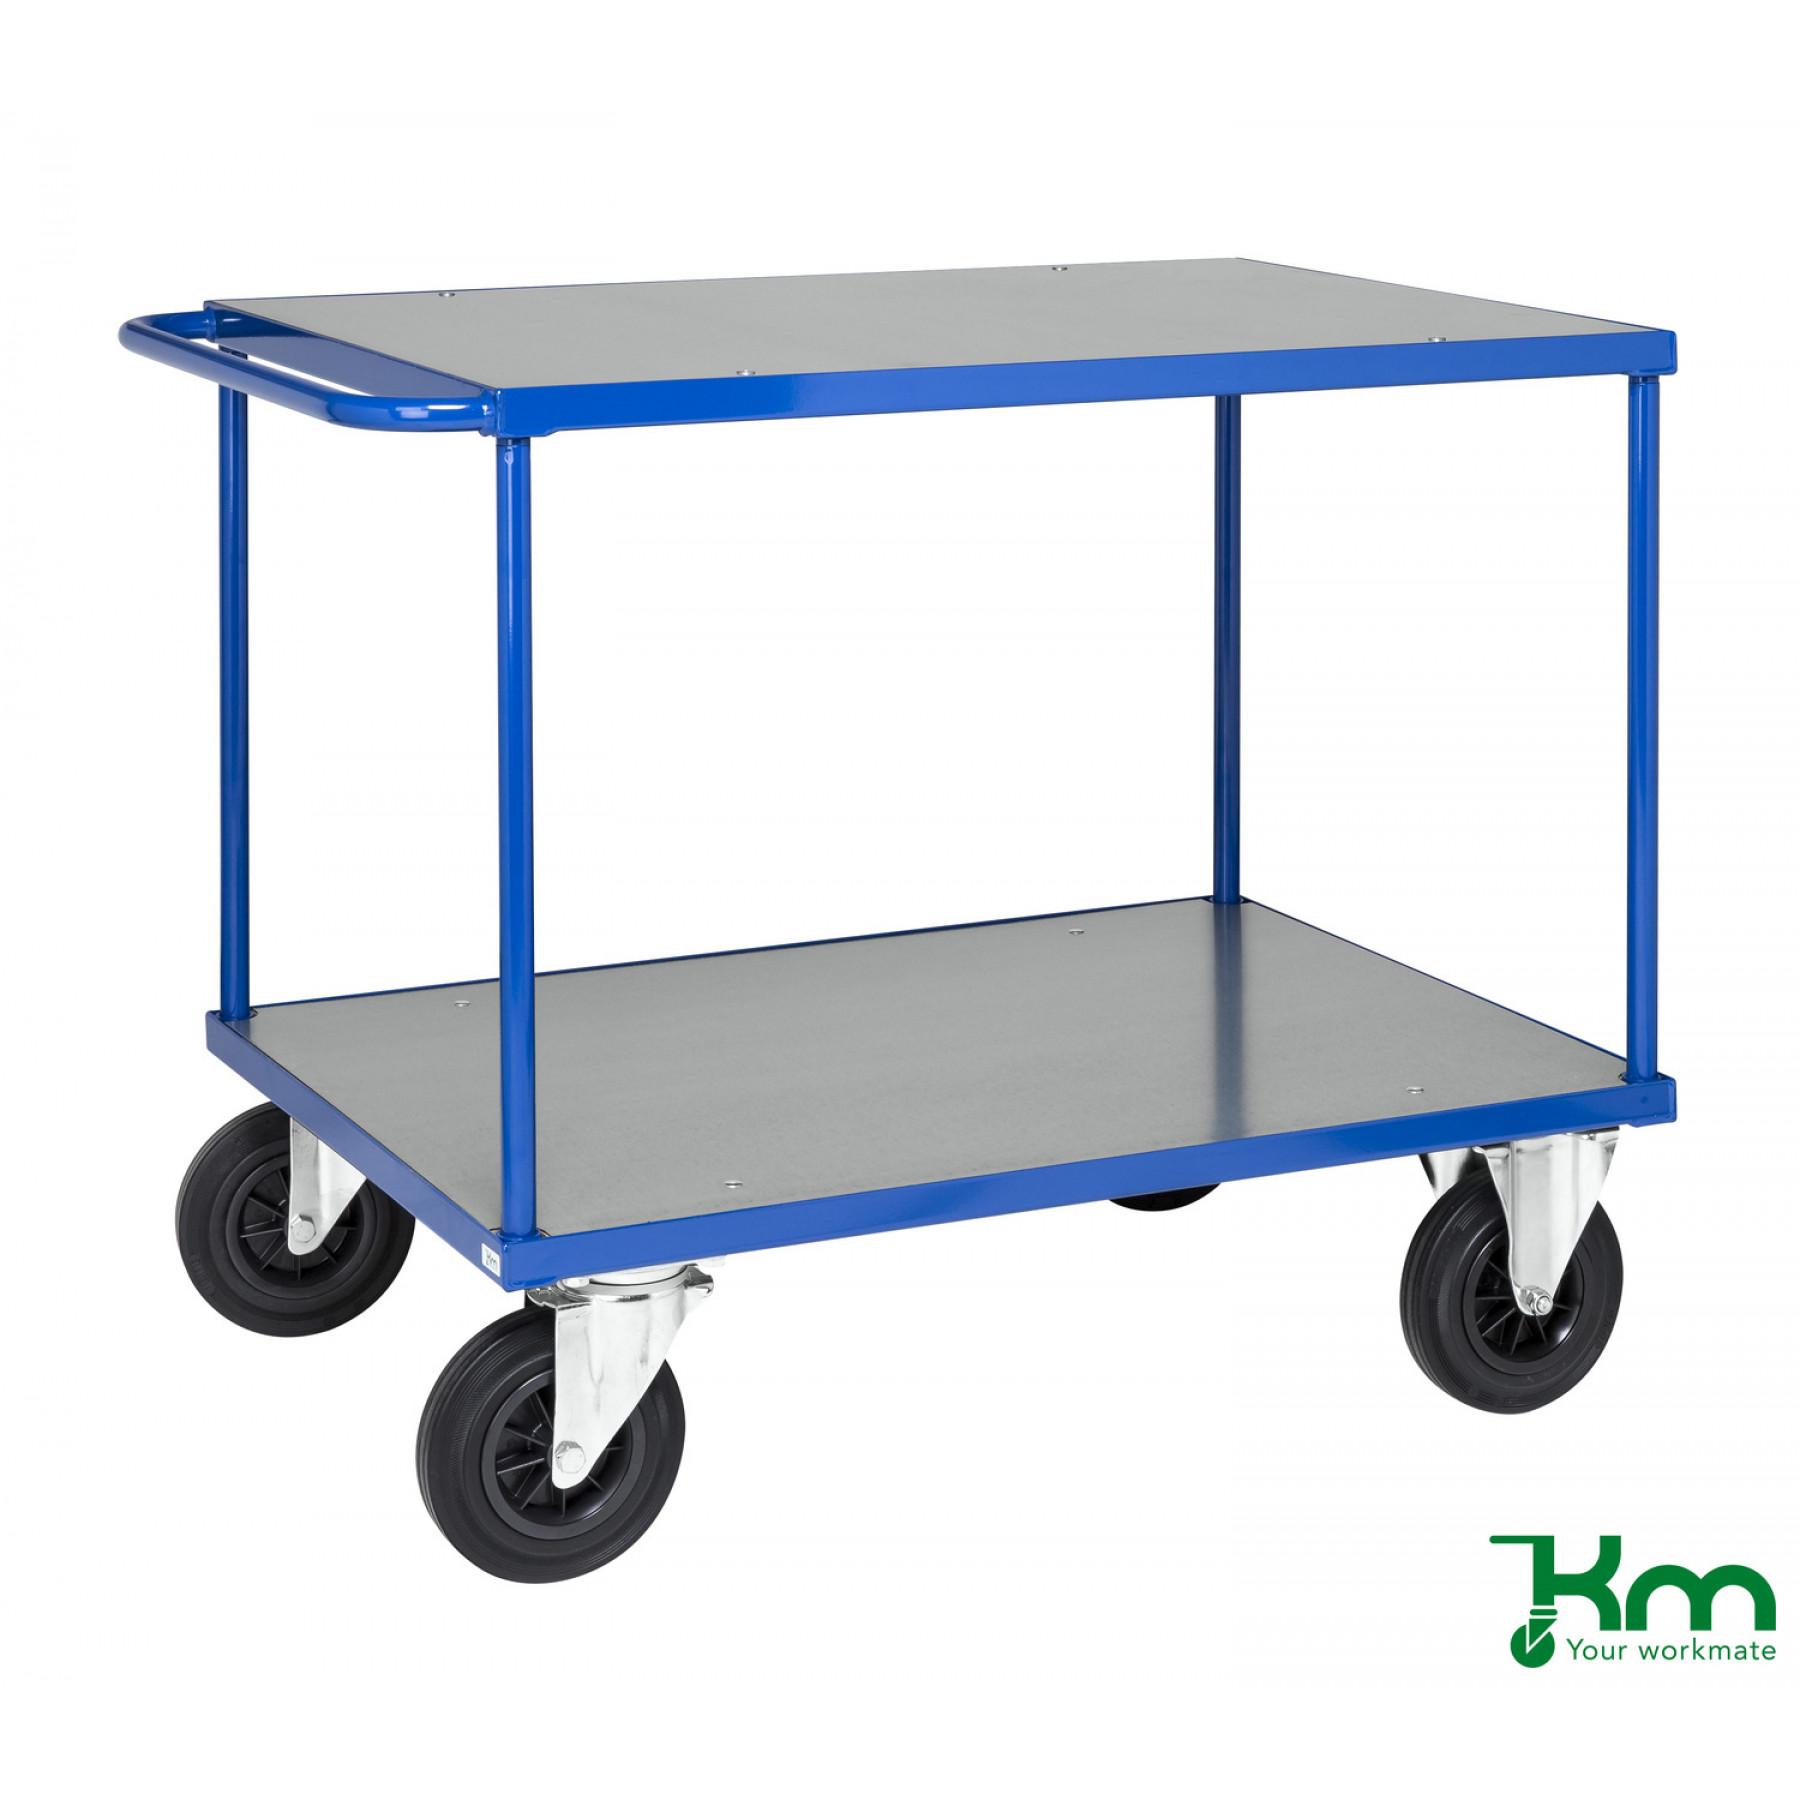 Tafelwagen 1000x700 mm, KM 437-2B